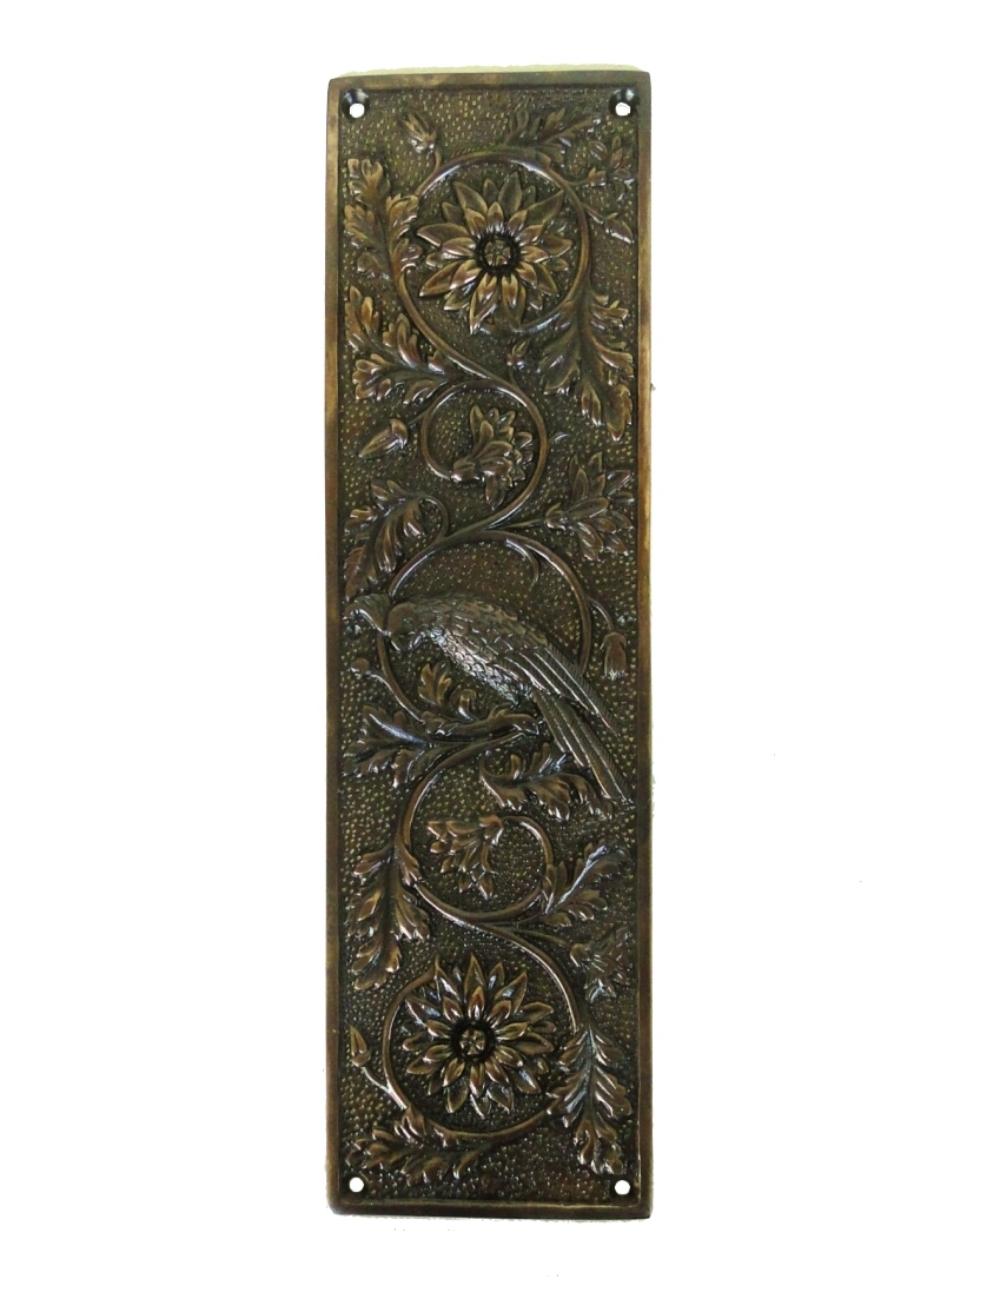 Parrot Push Plate Bird Motif Door Hardware Vintage Restoration Replica Aged Bronze 1